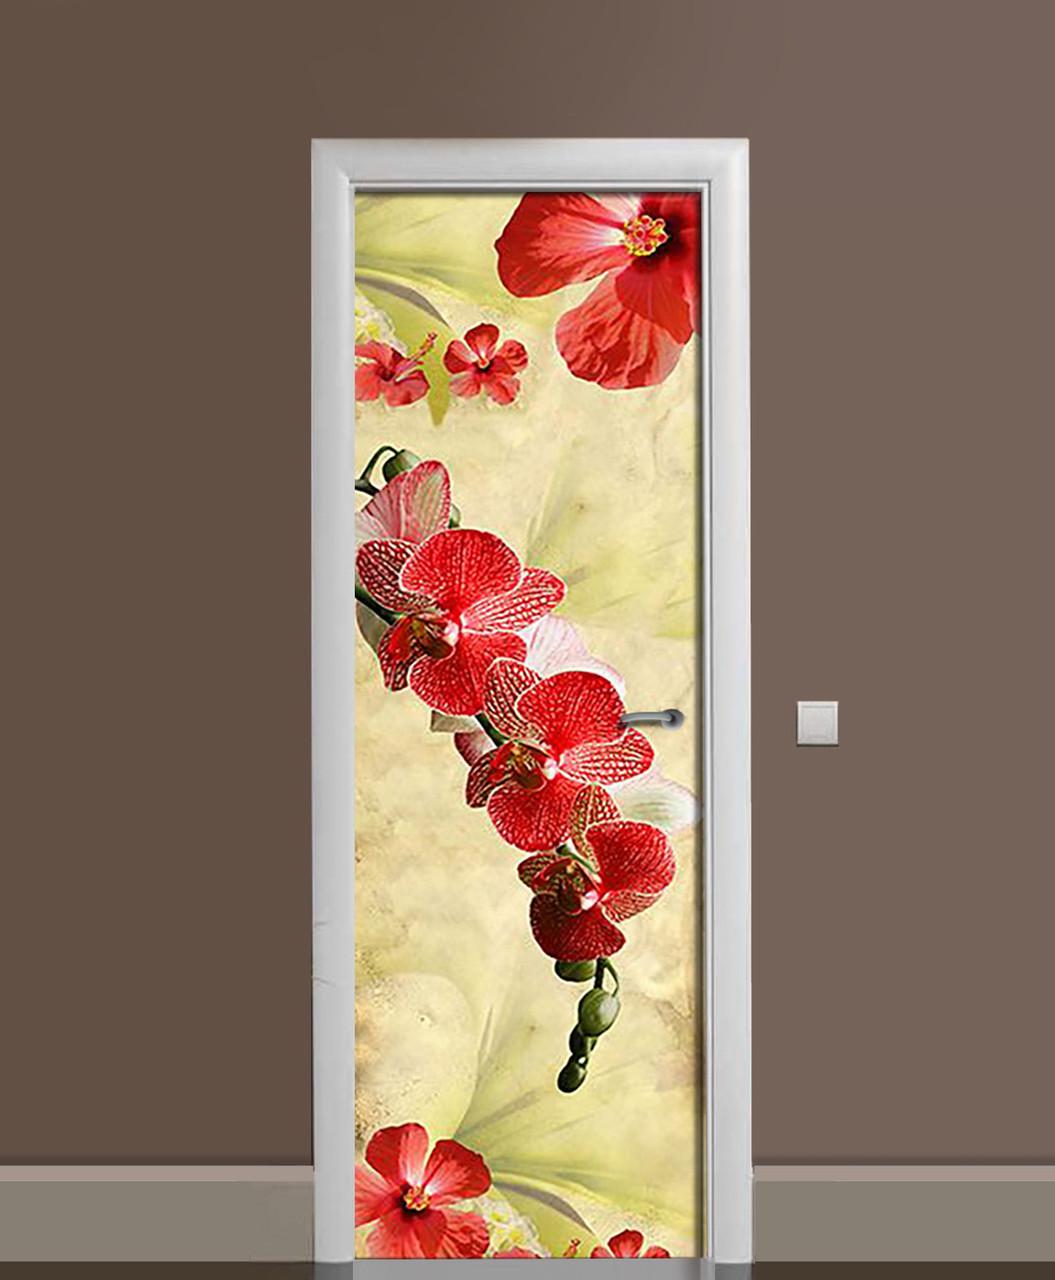 Наклейка на двери Ветки Красных Орхидей виниловая пленка ламинированная ПВХ цветы Бежевый 650*2000 мм